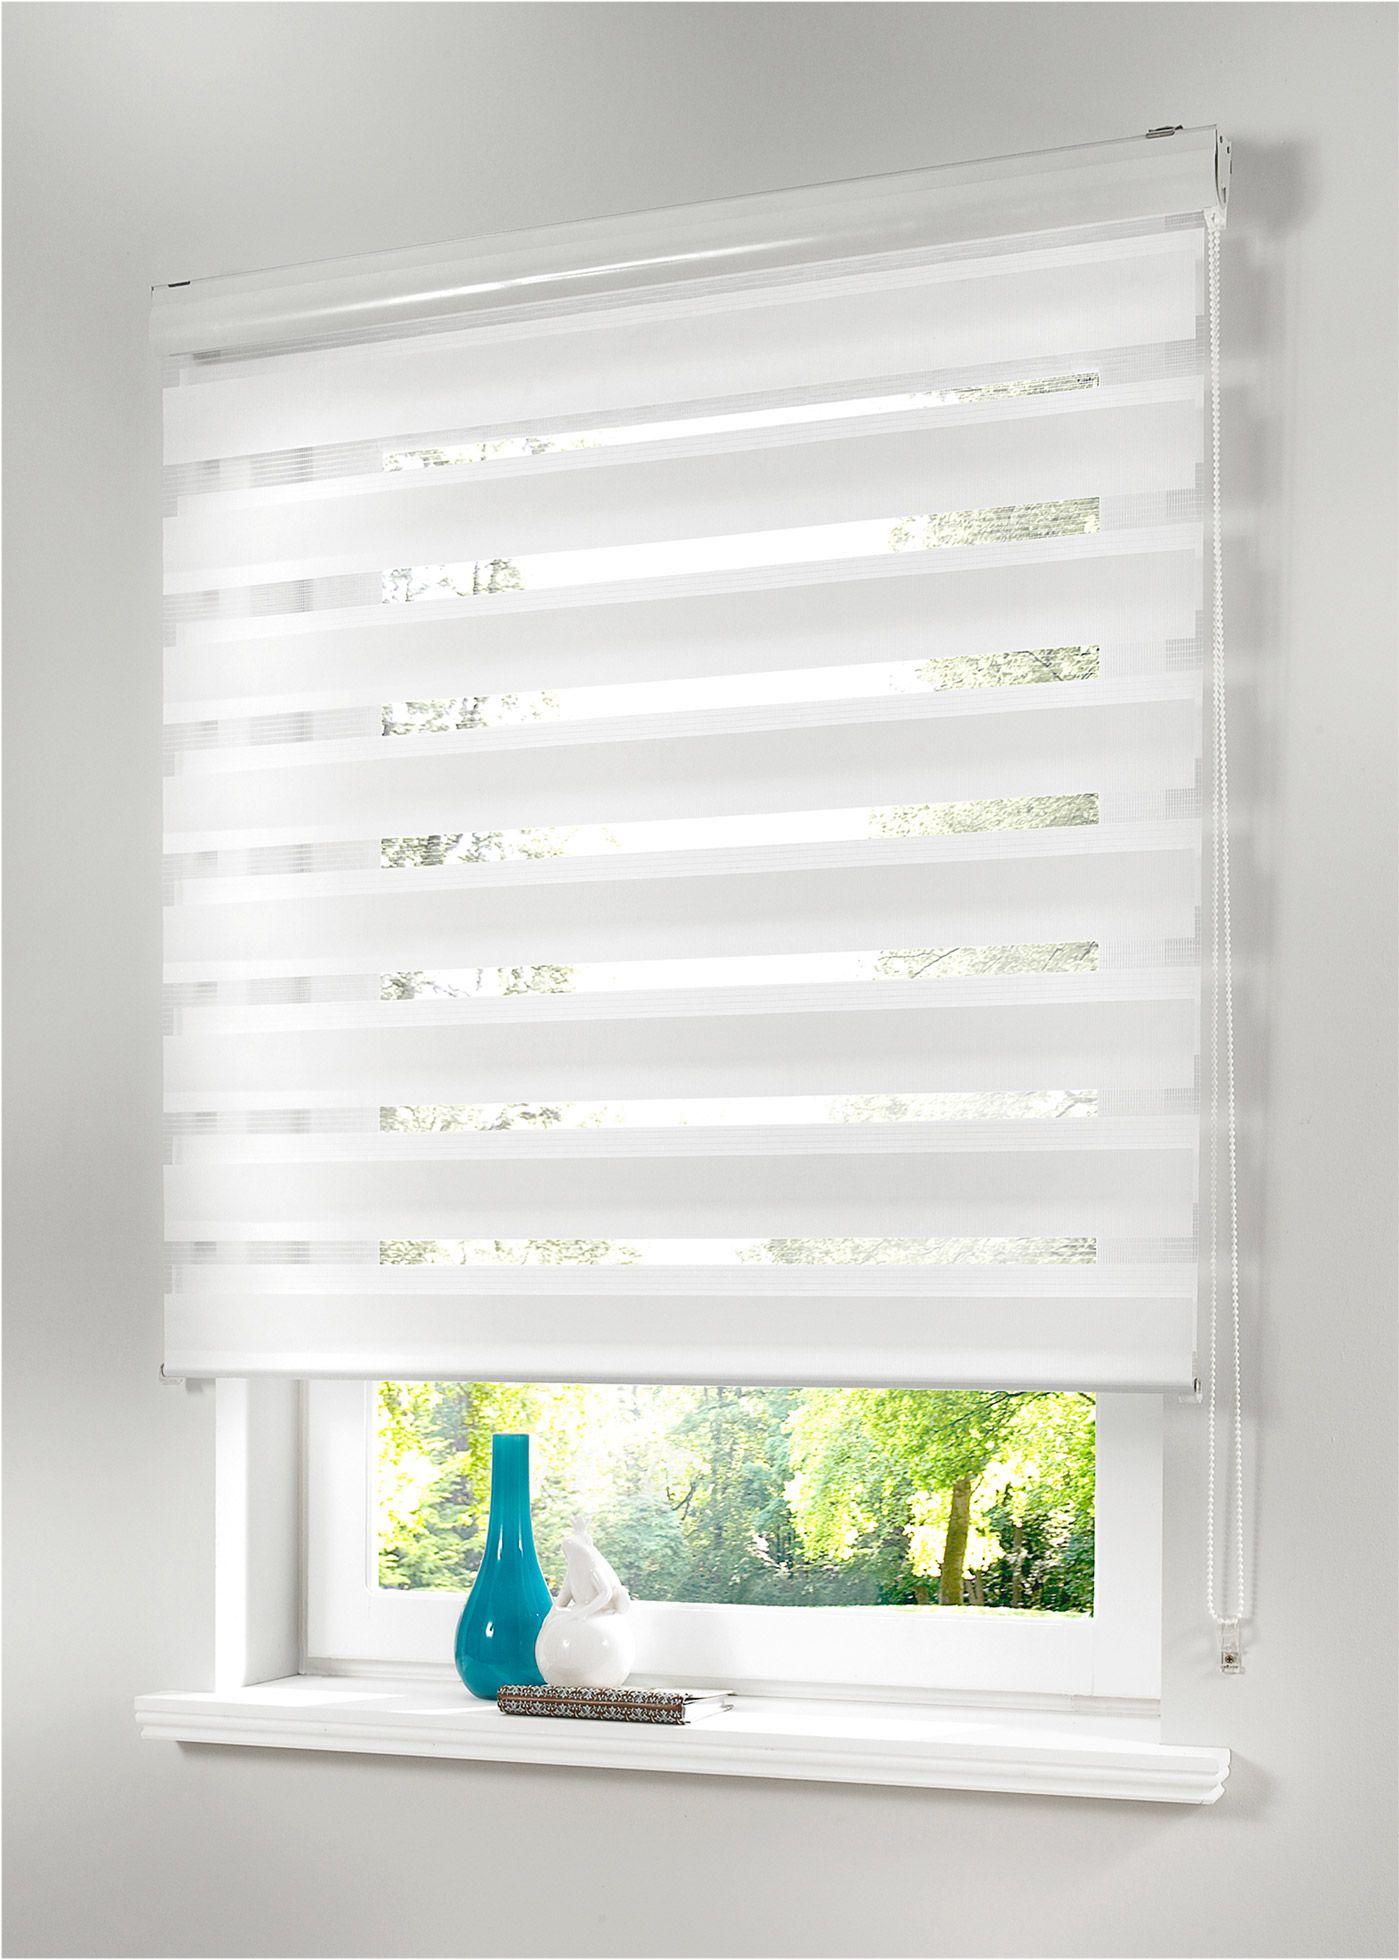 1bdd89b7d2095f Jetzt anschauen: Mit dem modernen Doppelrollo regulieren Sie die  Lichtverhältnisse in Ihren Wohnräumen individuell.